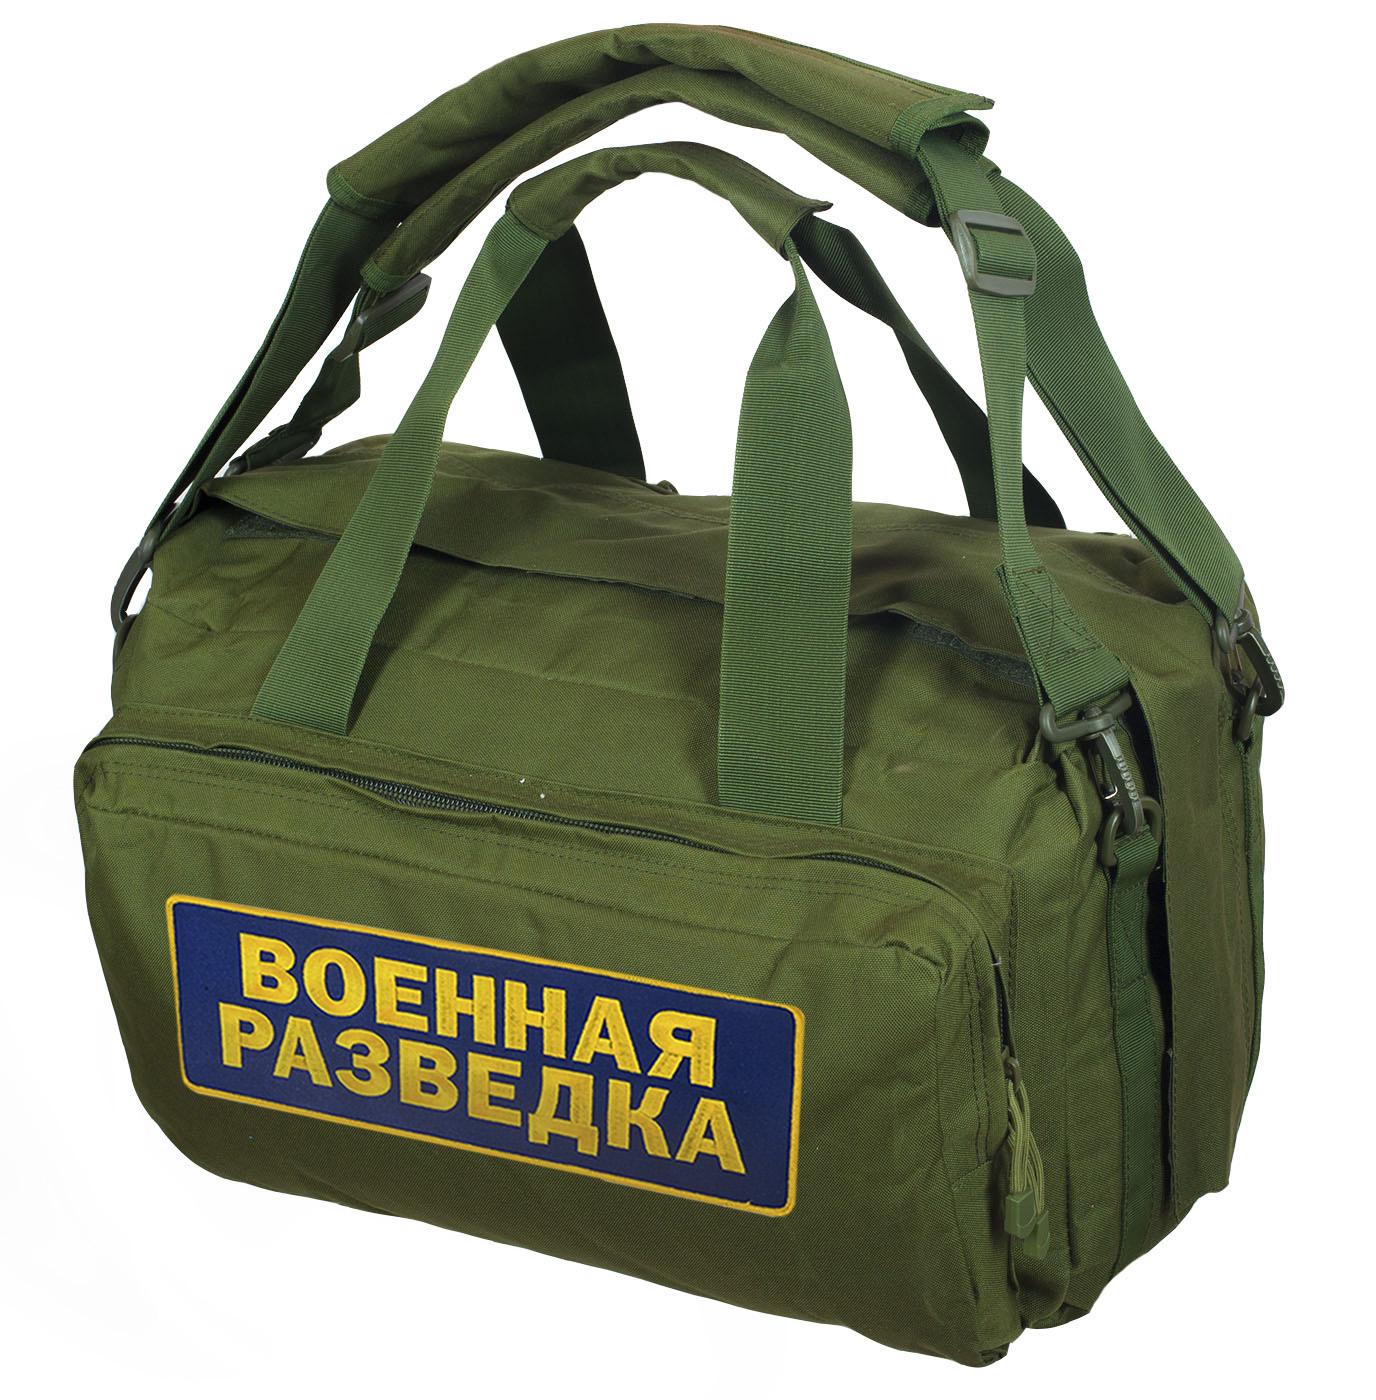 Купить походную сумку: в наличии модели от универсальных до специальных, разработанных для Военной разведки